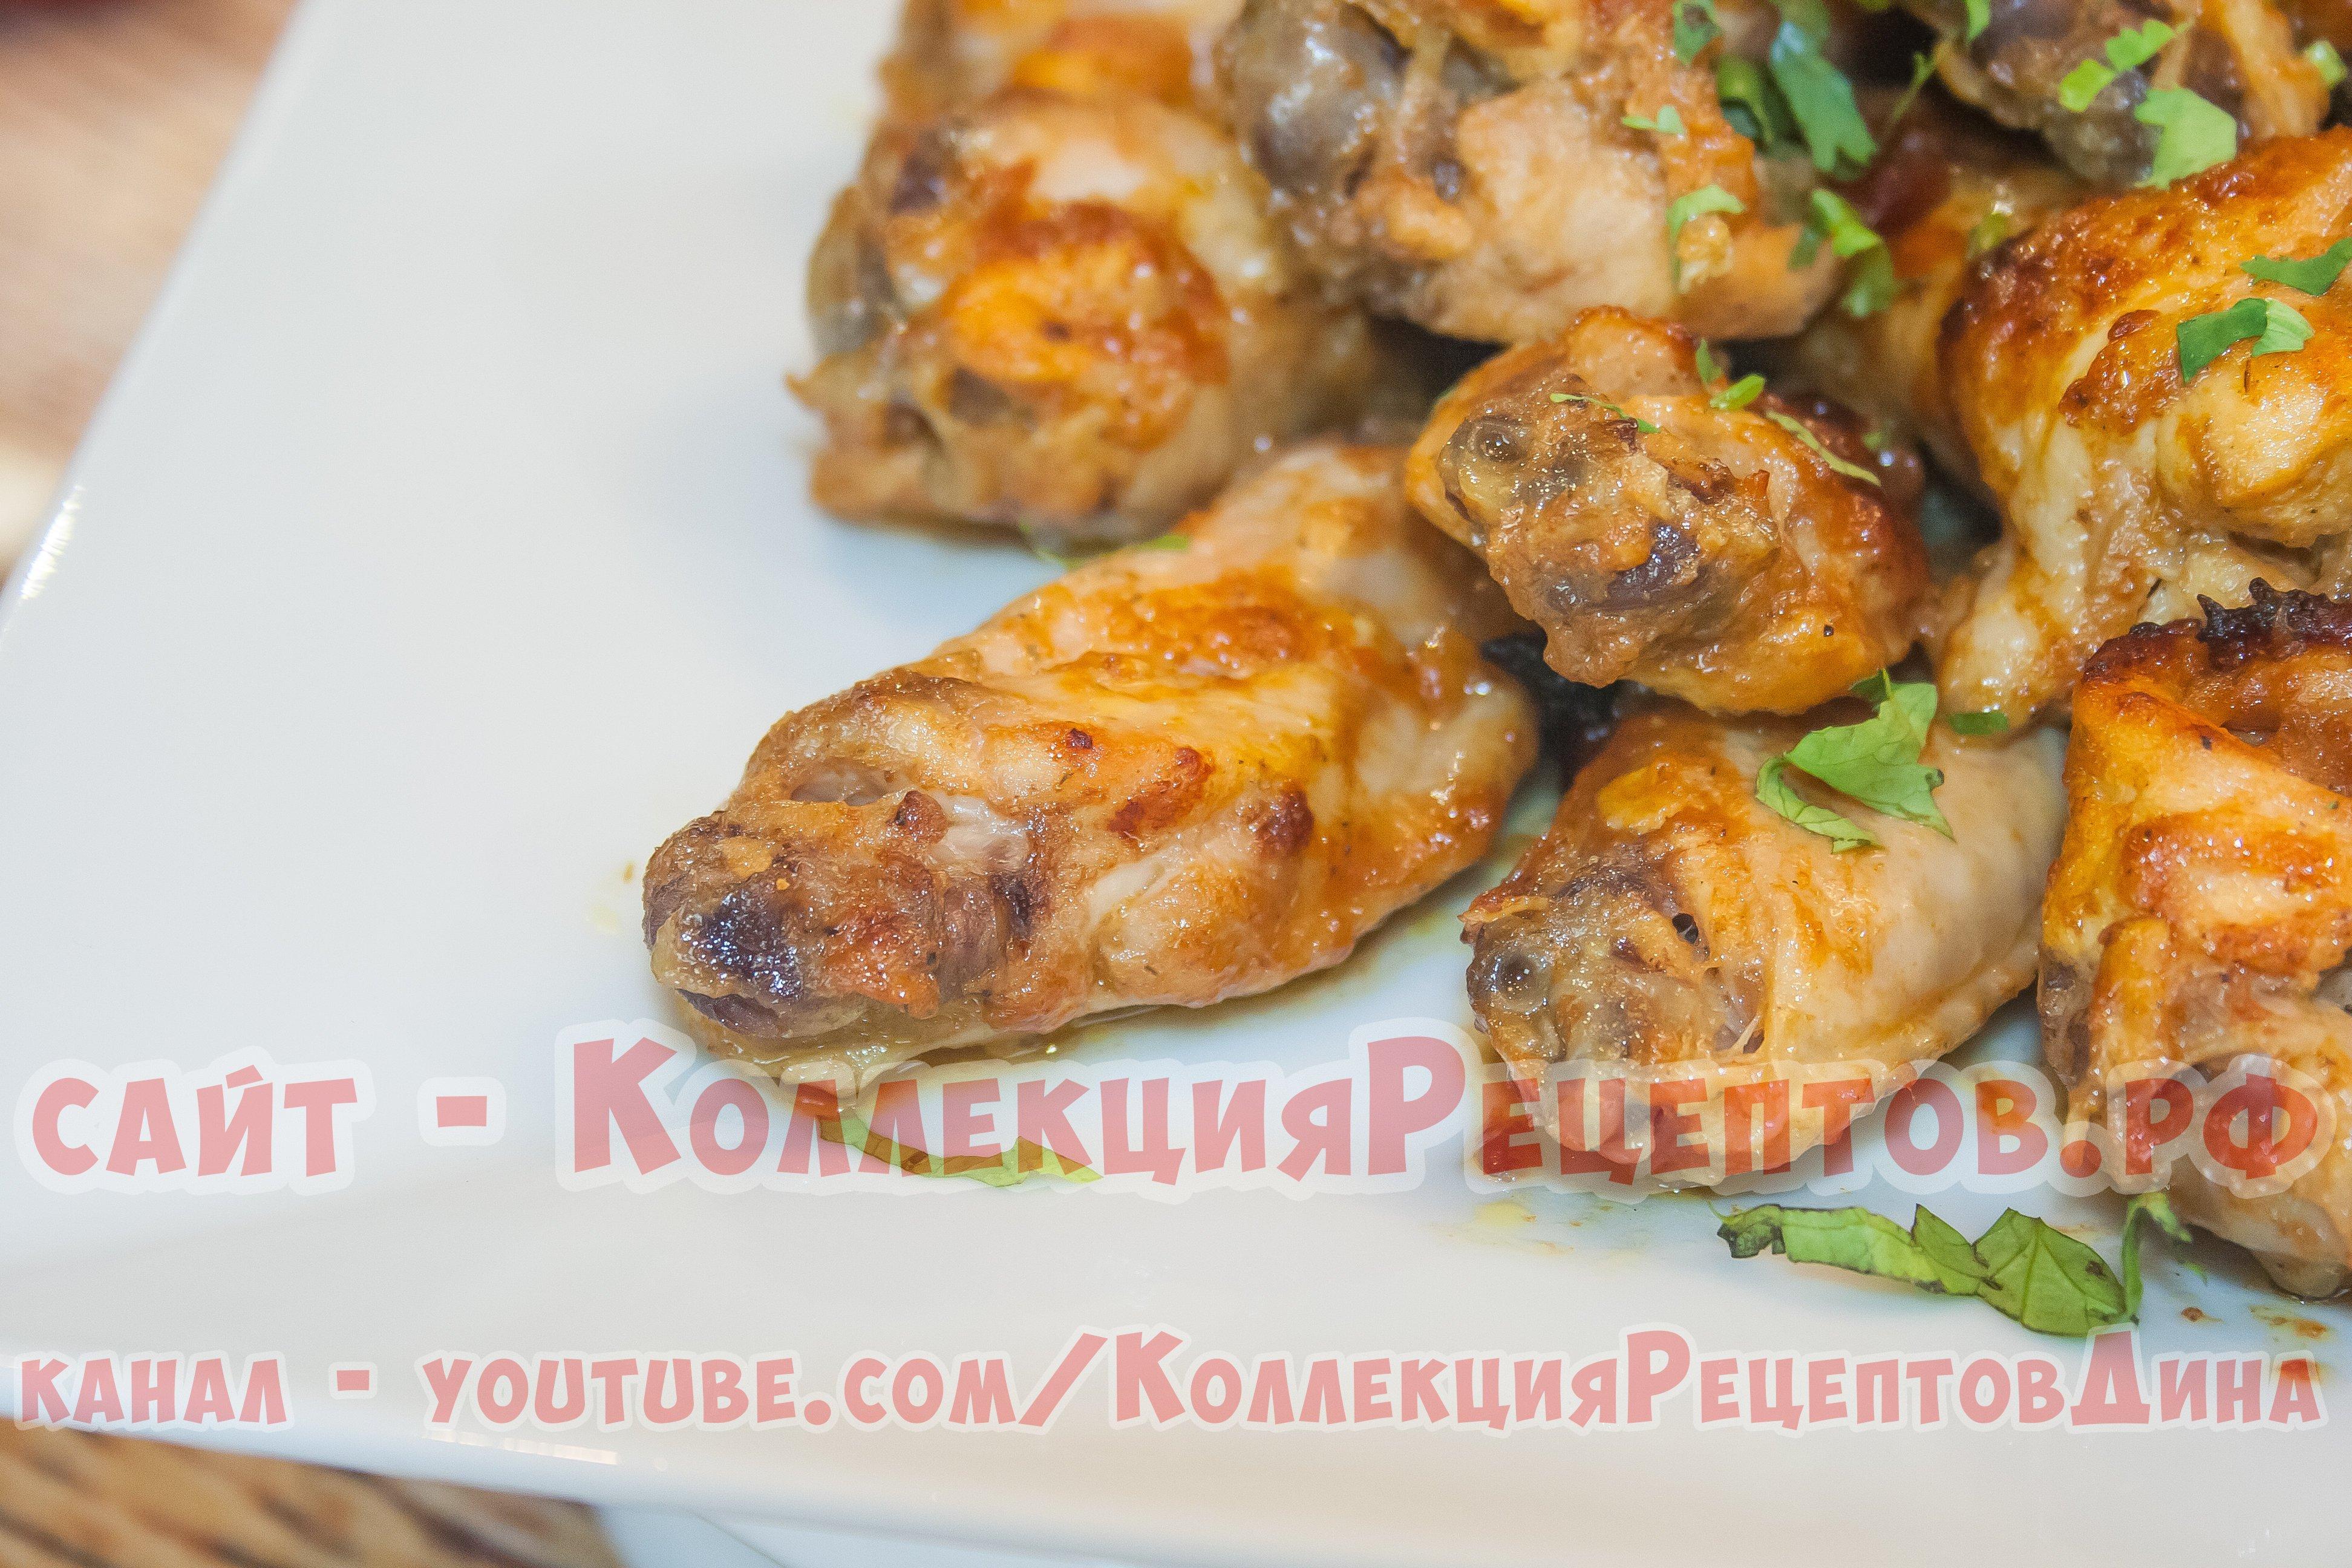 Куриные крылышки как в кфс- пошаговый рецепт приготовления